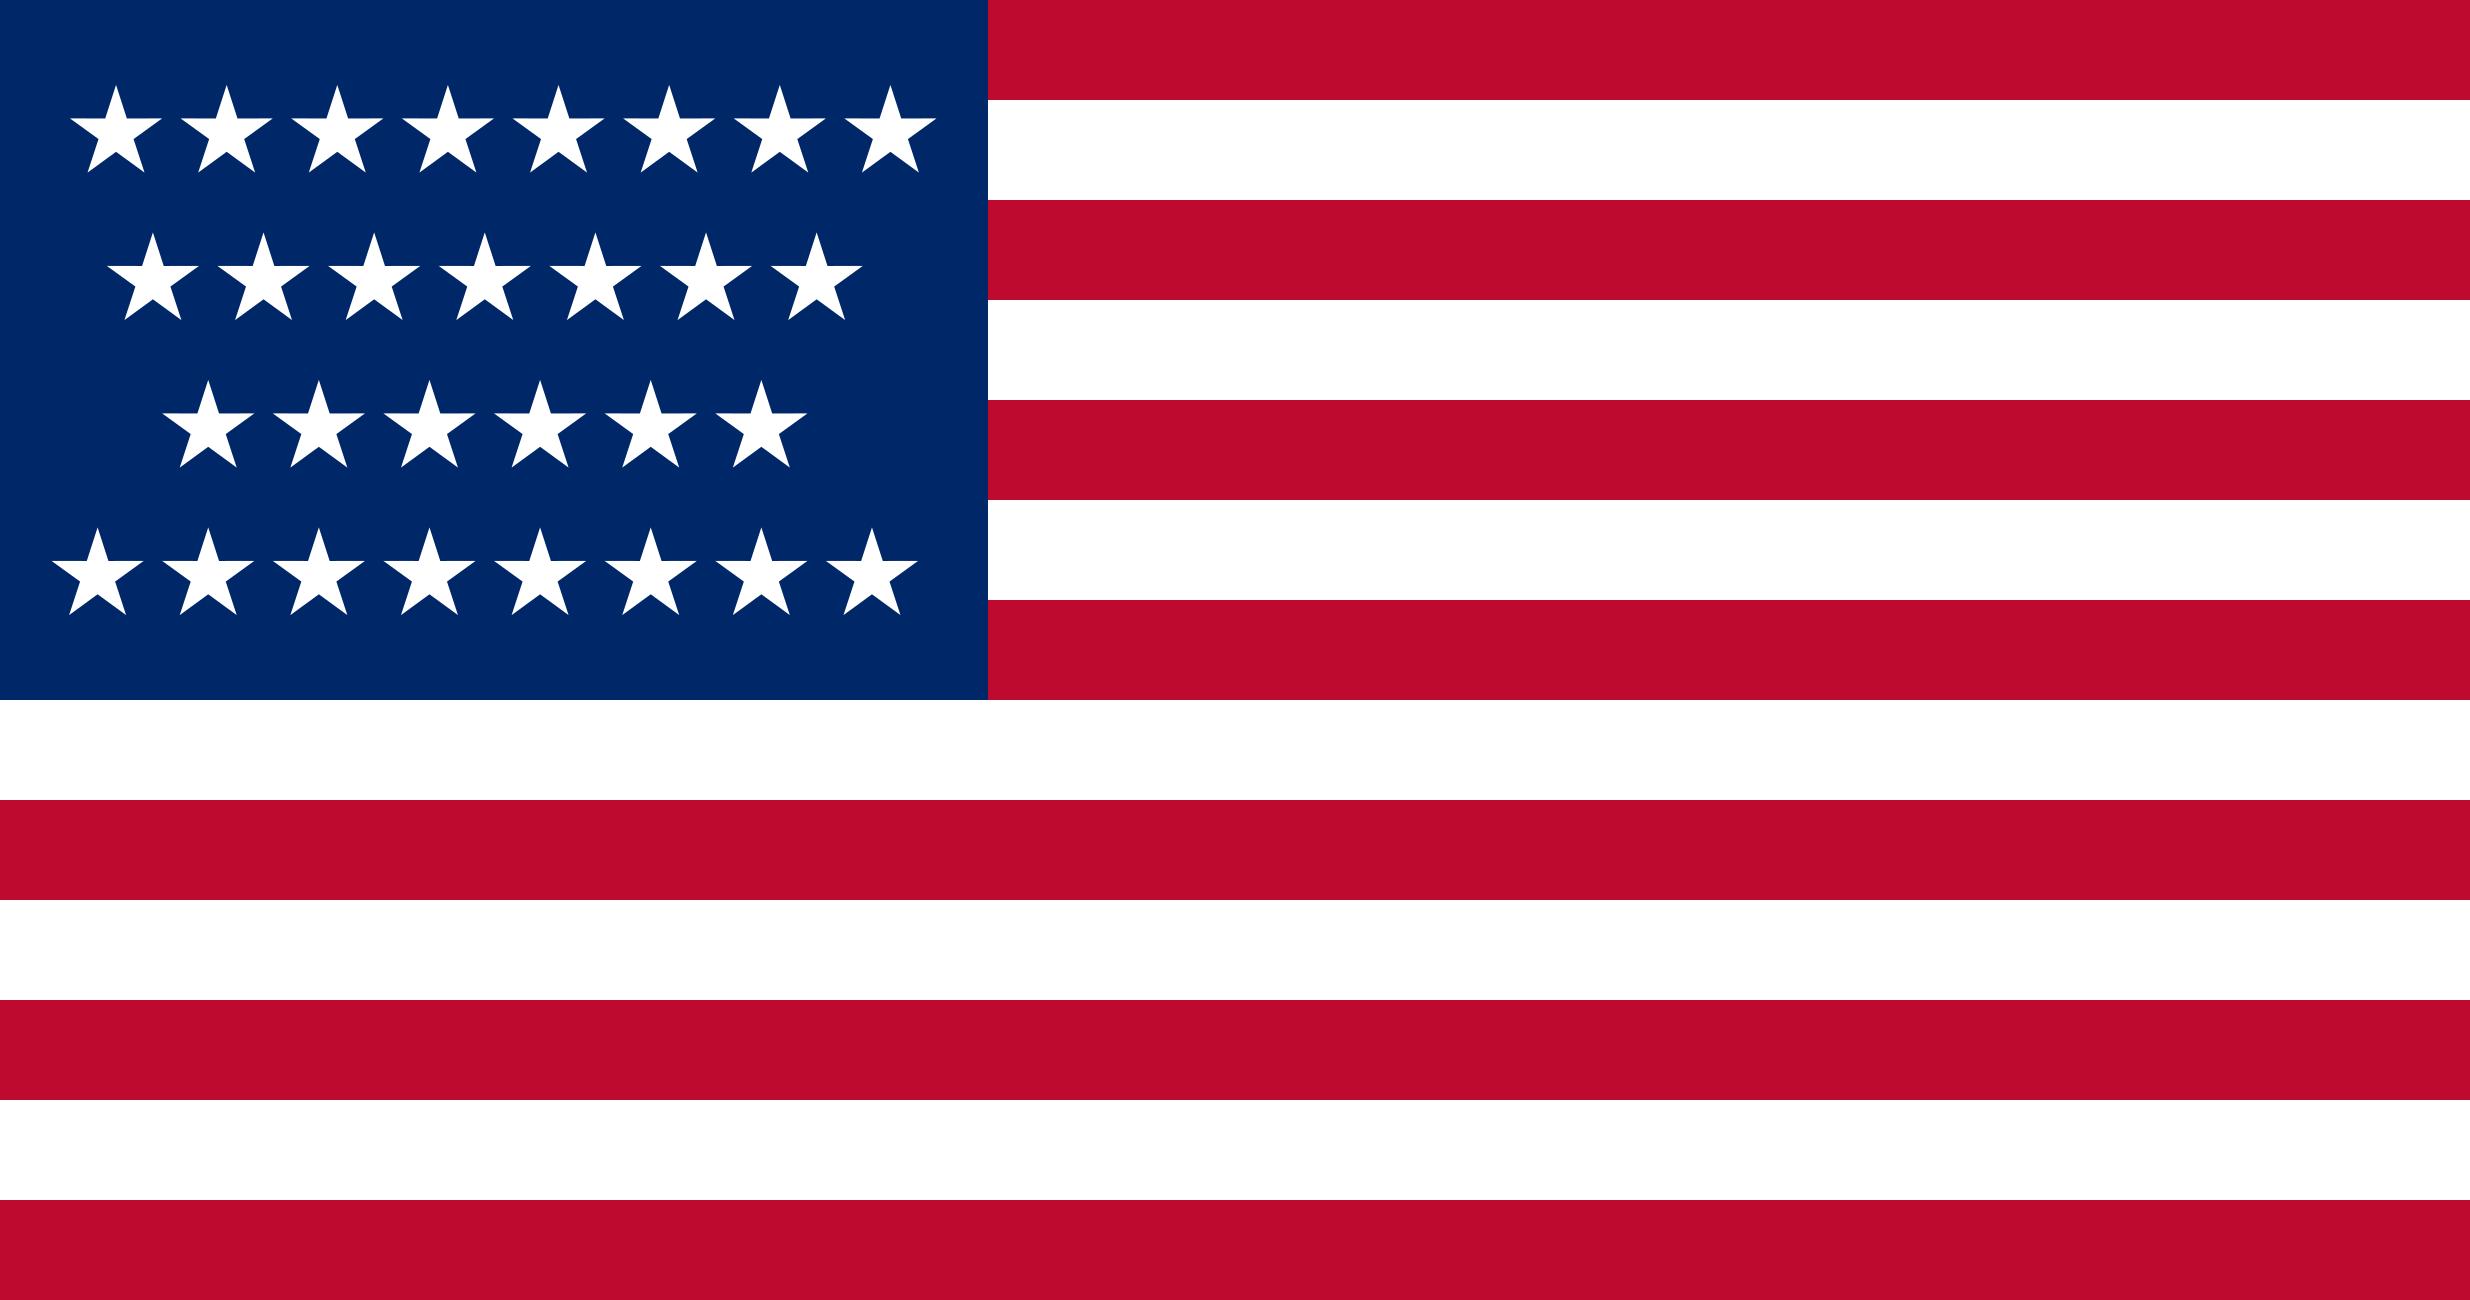 USA flagg